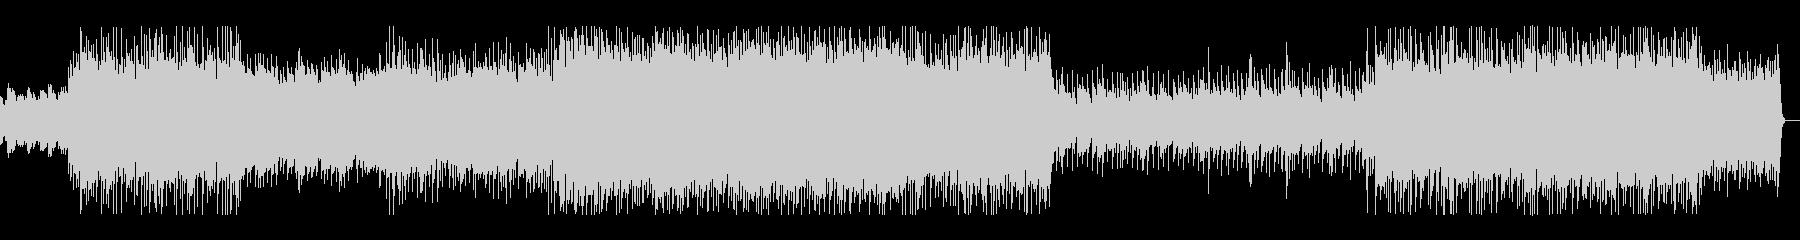 ギターのアルペジオが印象的なロックの未再生の波形